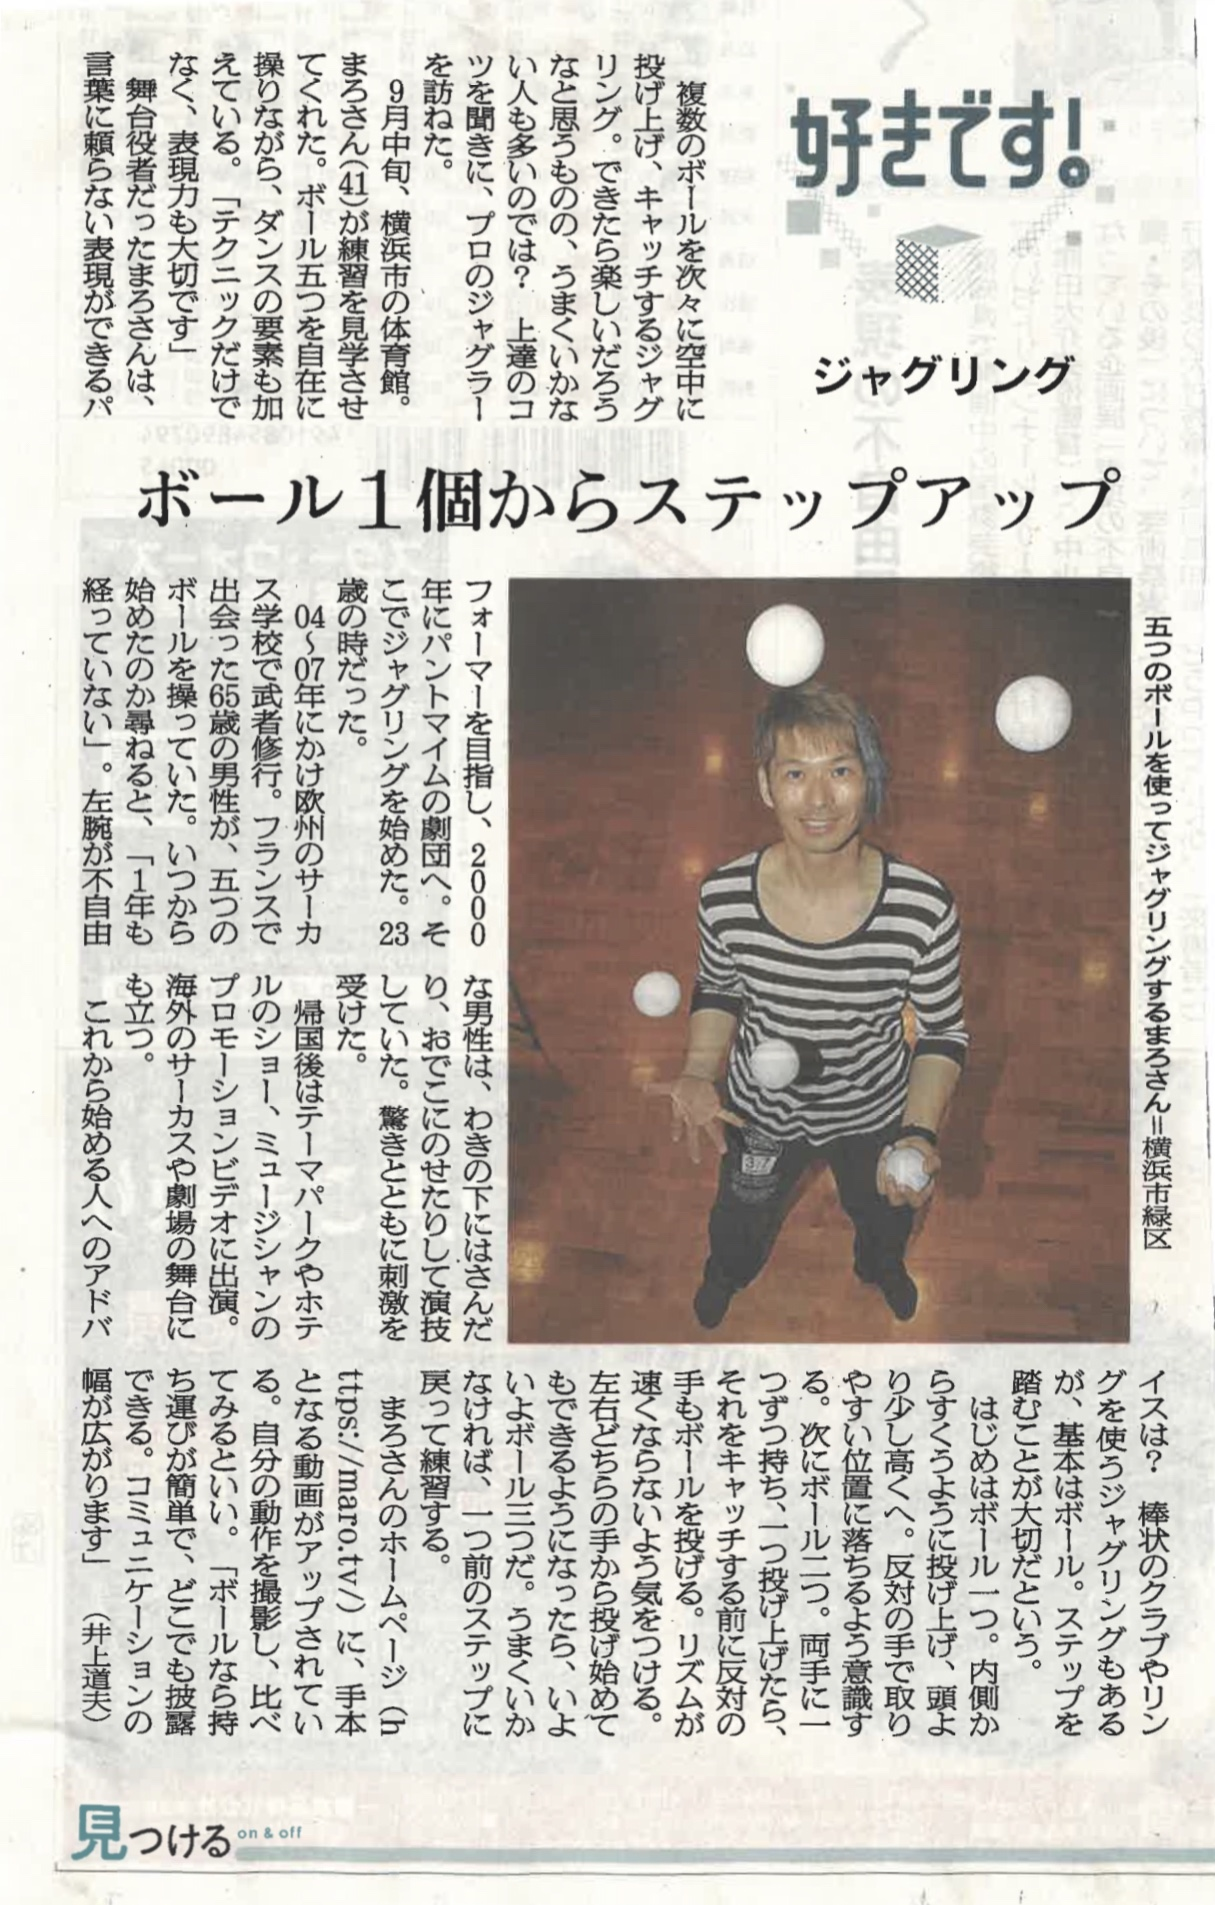 ジャグラーまろ朝日新聞インタビュー記事